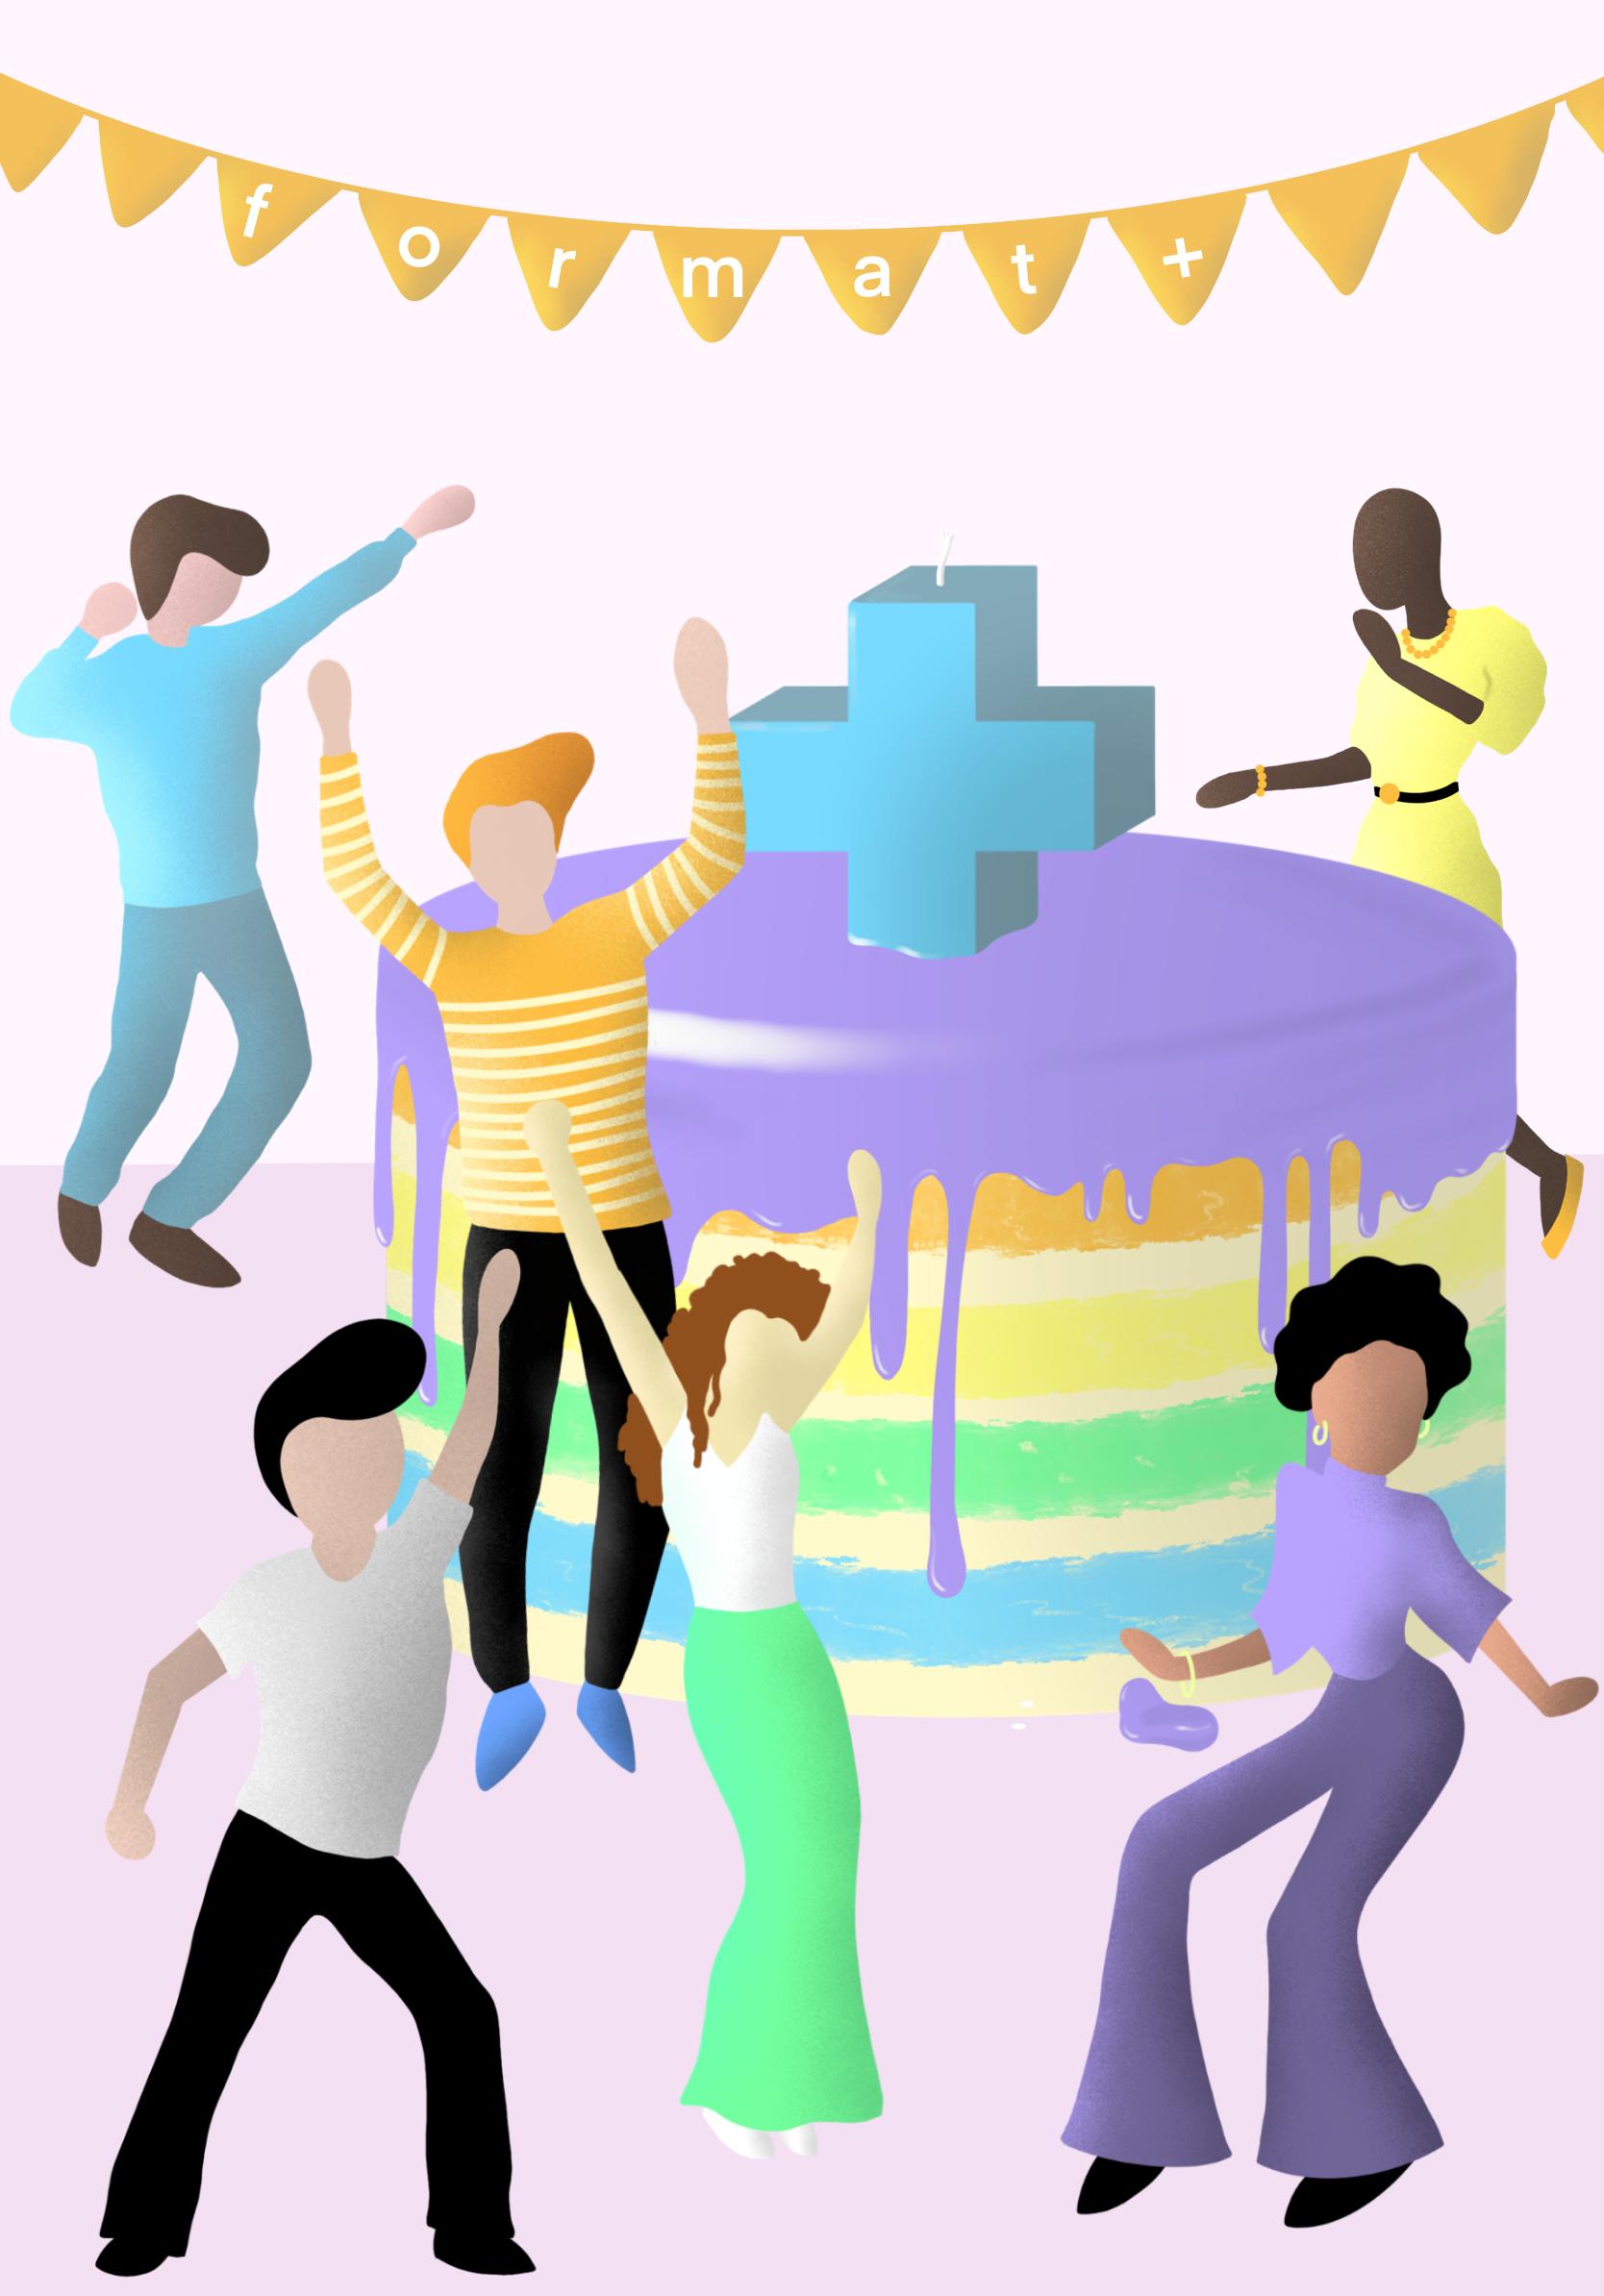 Illustrierte Menschen tanzen um großen Kuchen herum.